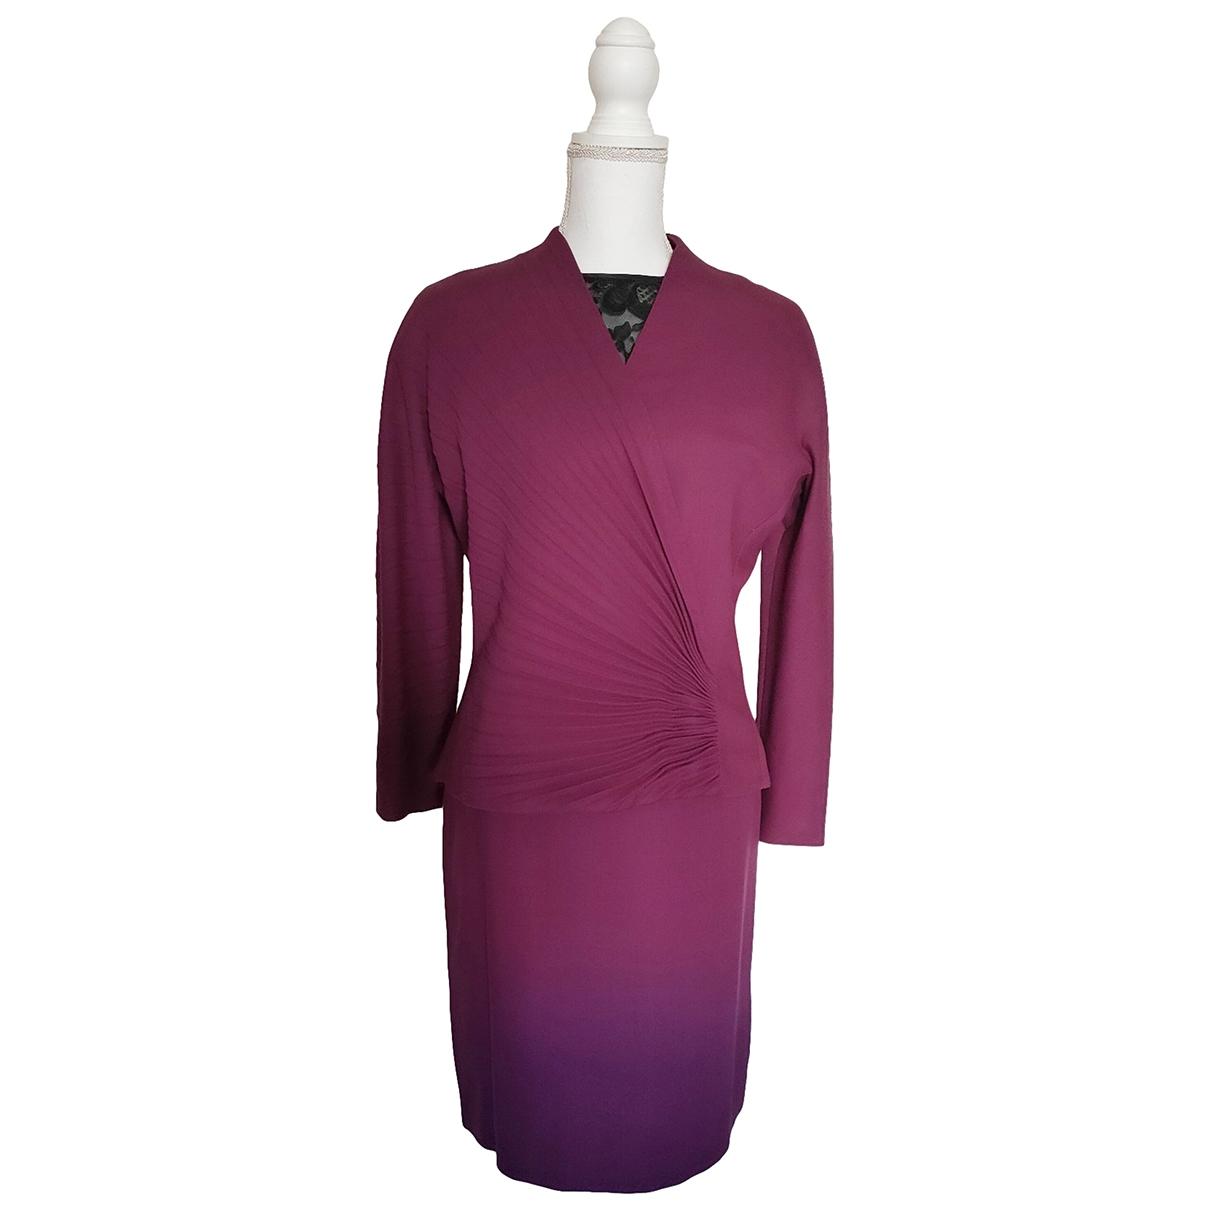 Gianni Versace \N Kleid in Wolle